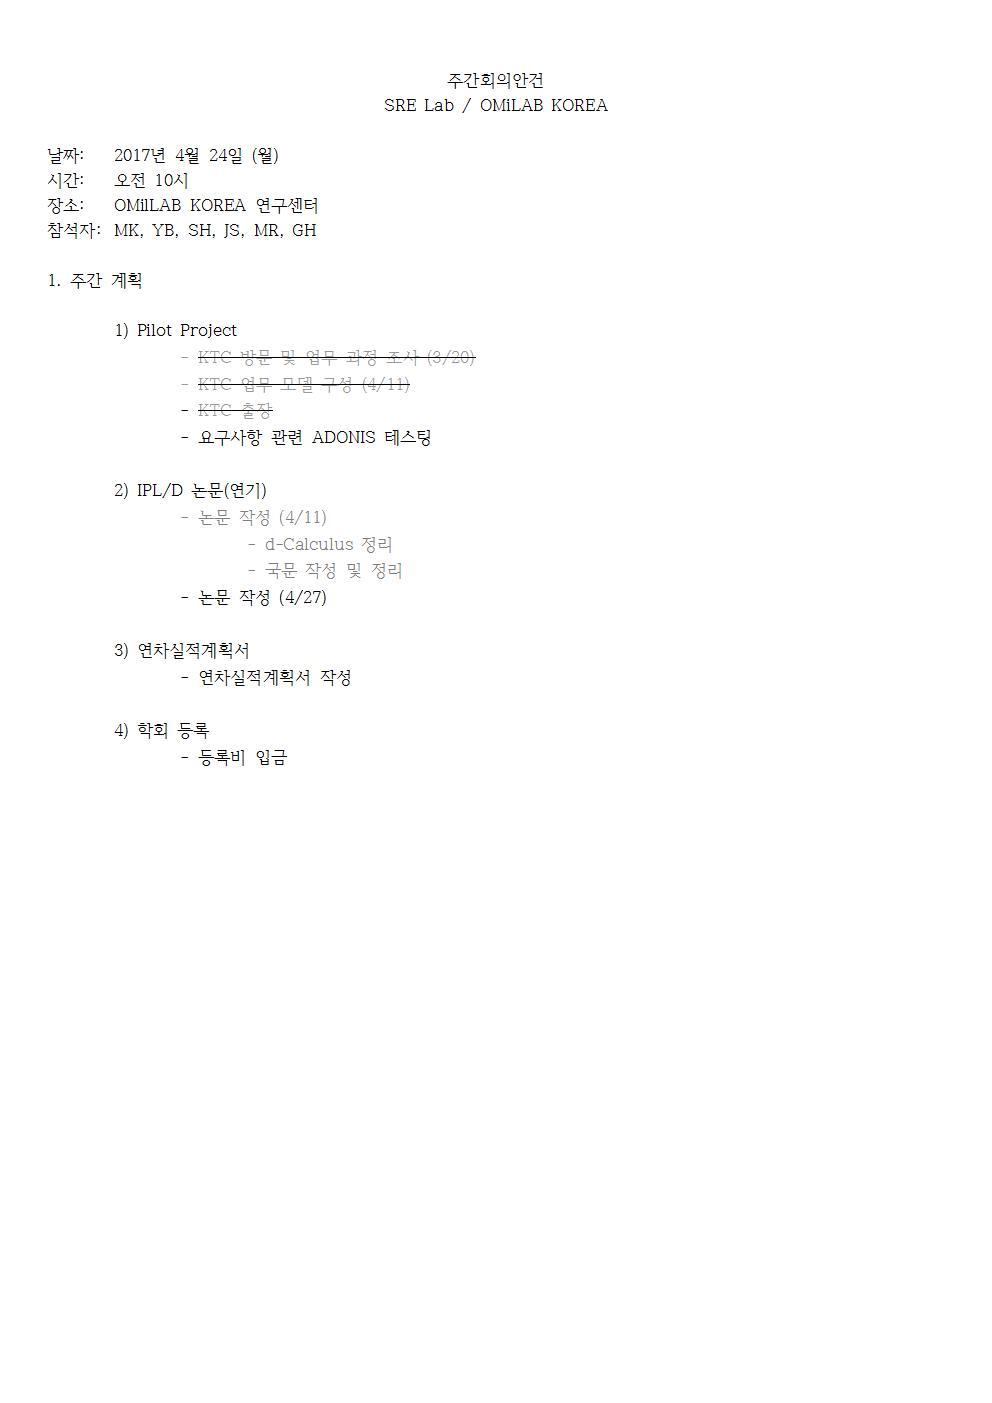 1-월-2017-04-24-PALN(YB)001.jpg